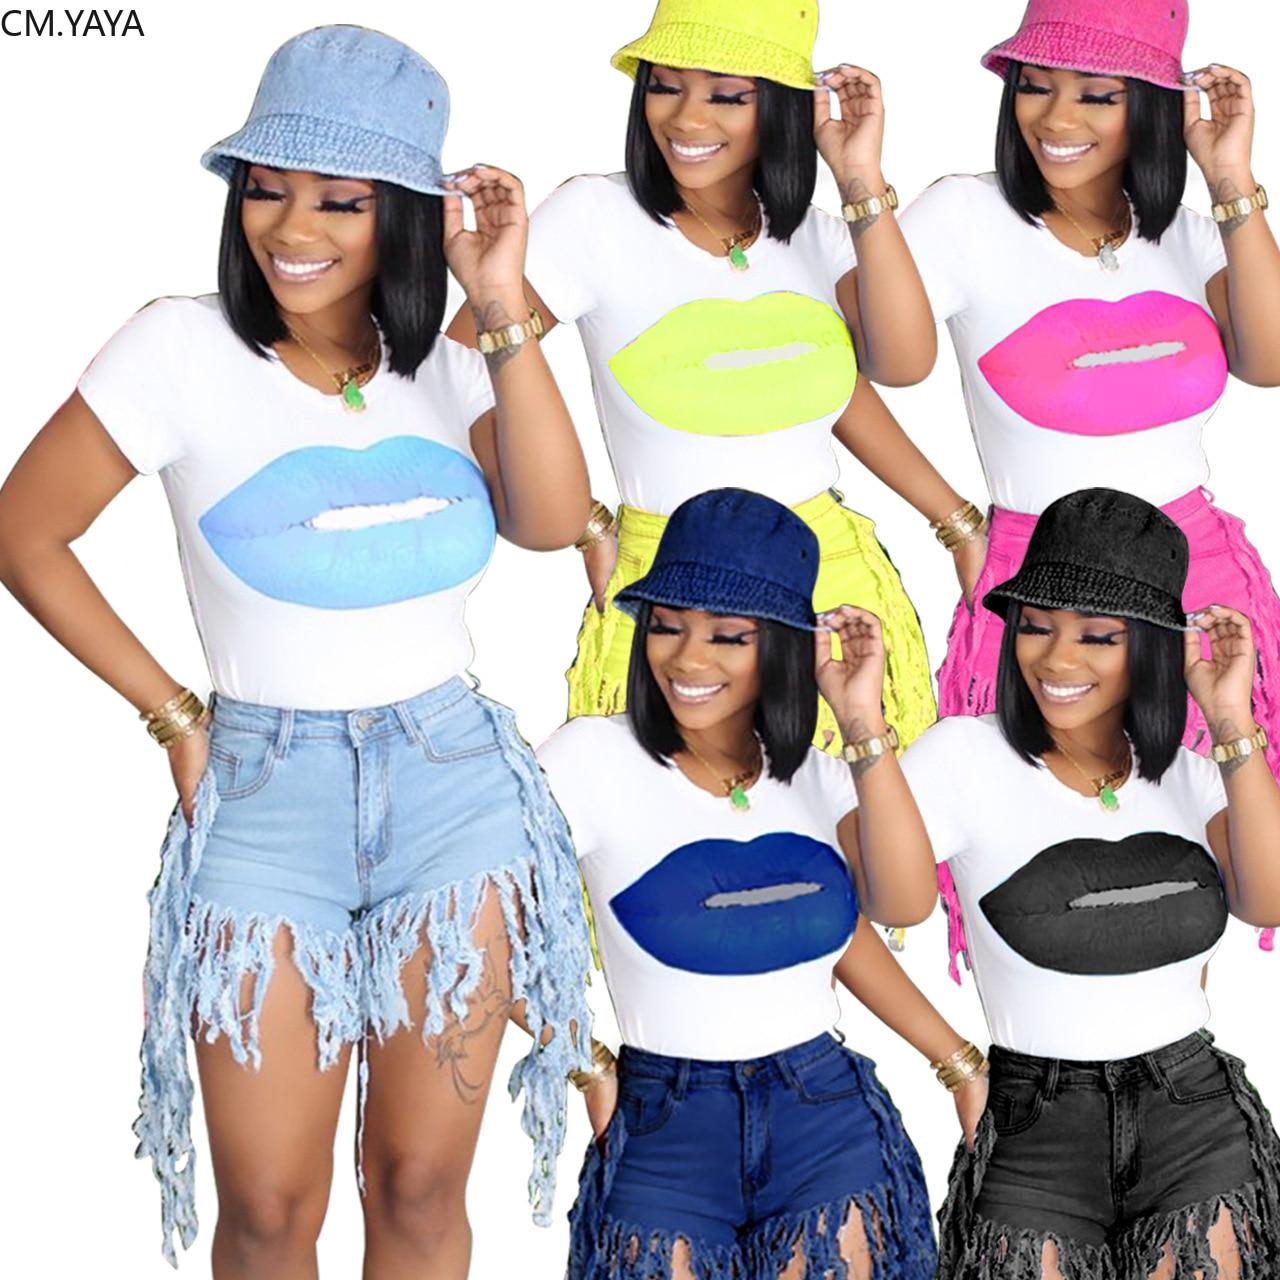 CM.YAYA-Camiseta de labios para mujer, pantalones cortos vaqueros con cremallera, conjunto de dos piezas, chándal de moda a juego, Verano